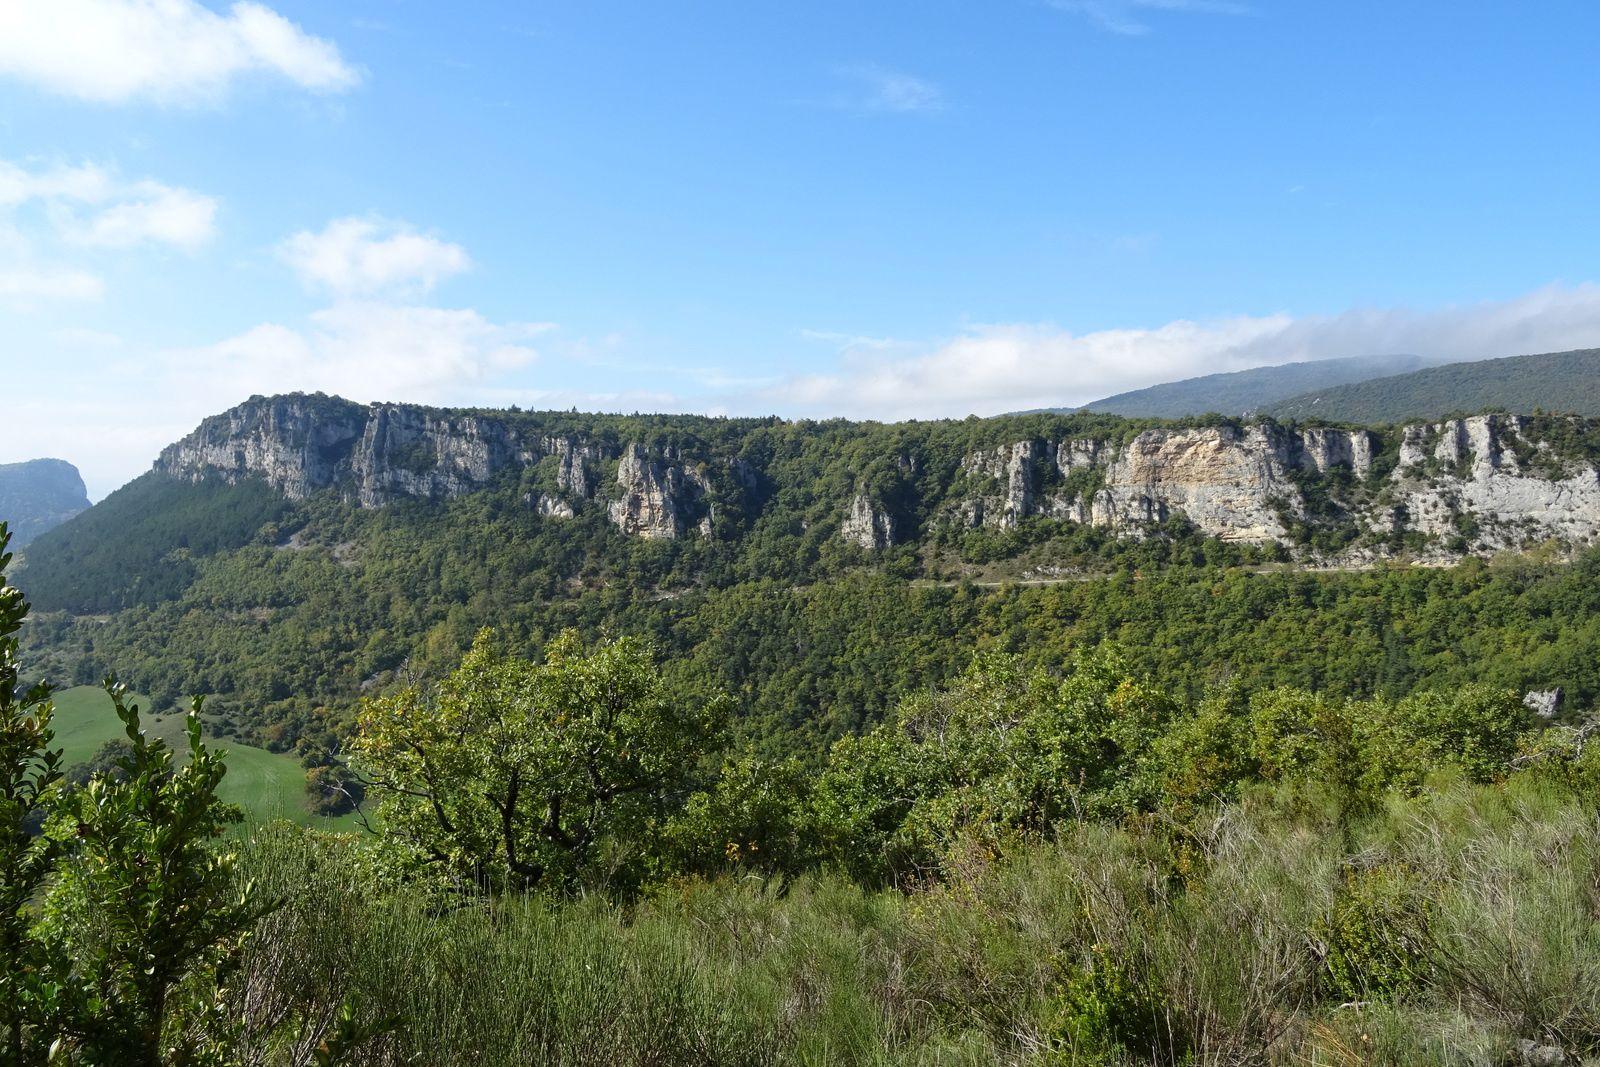 Je traverse la montagne de Lozeron, une longue, très longue ascension me hisse au point culminant entre deux haies de buis.